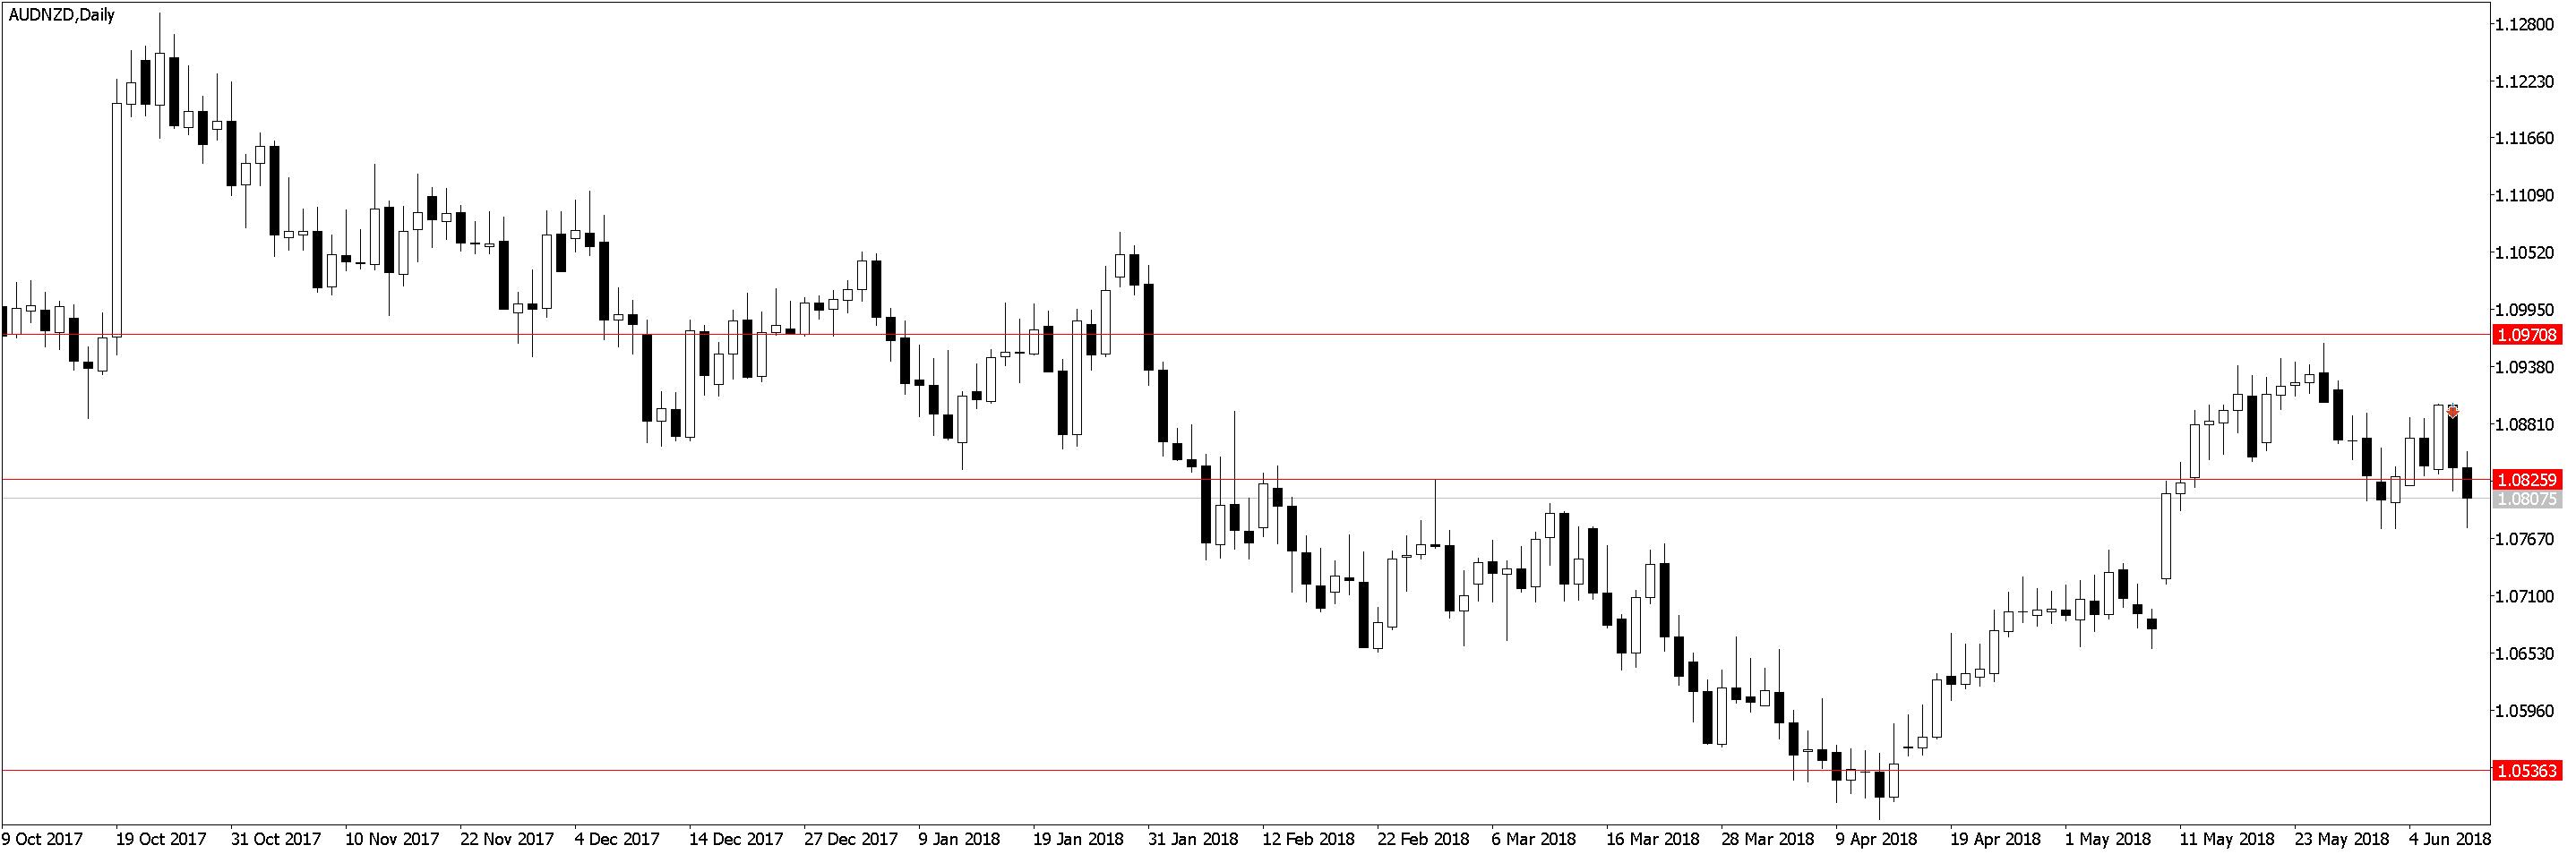 AUDNZDDaily Торговля по H1, трейдинг в удовольствие, три состояния рынка